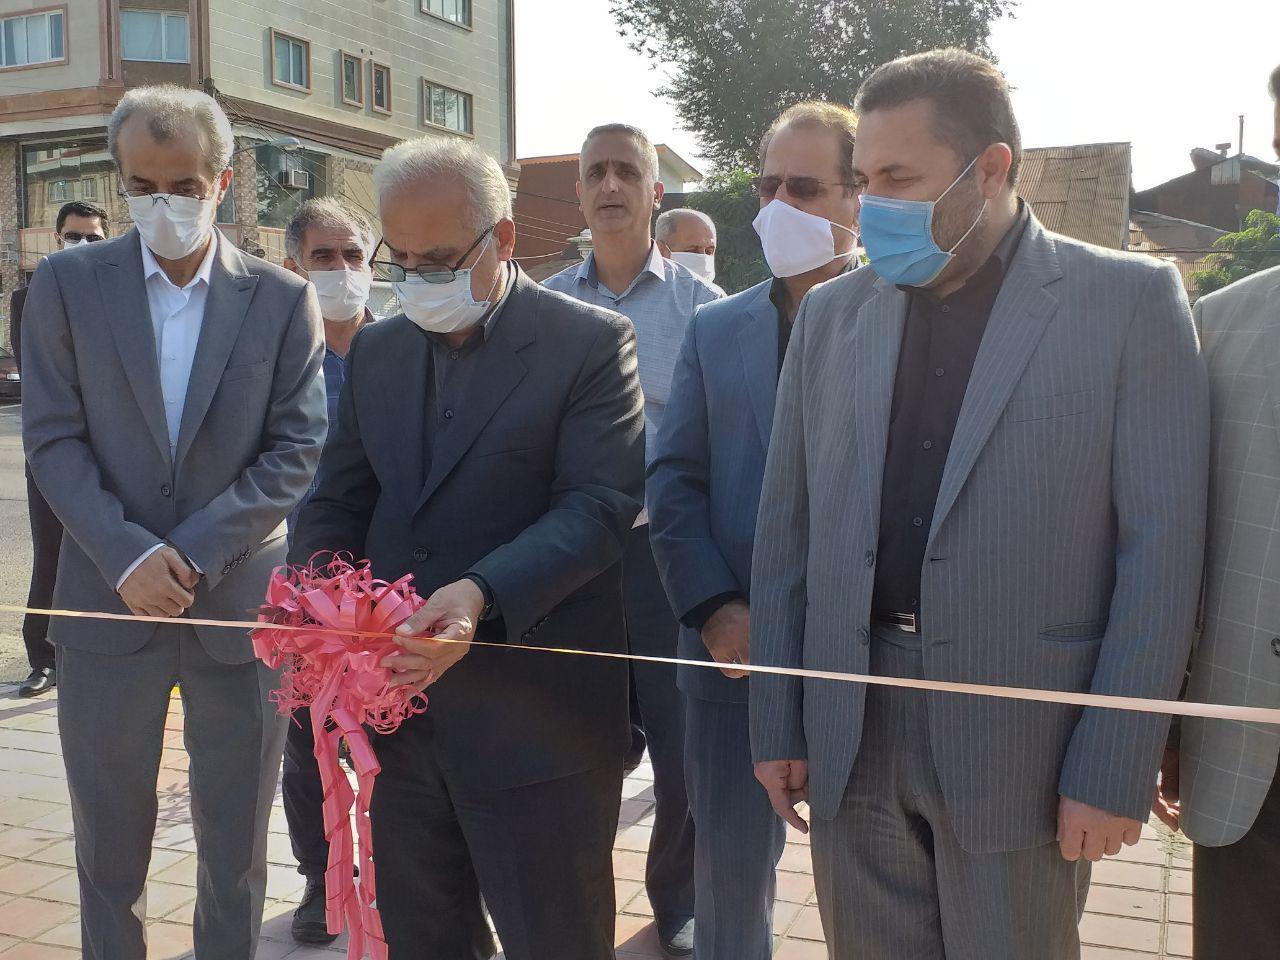 در پنجمین روز از هفته دولت صورت گرفت؛  بهرهبرداری از ۱۷ پروژه عمرانی ،اقتصادی و زیربنایی در لاهیجان